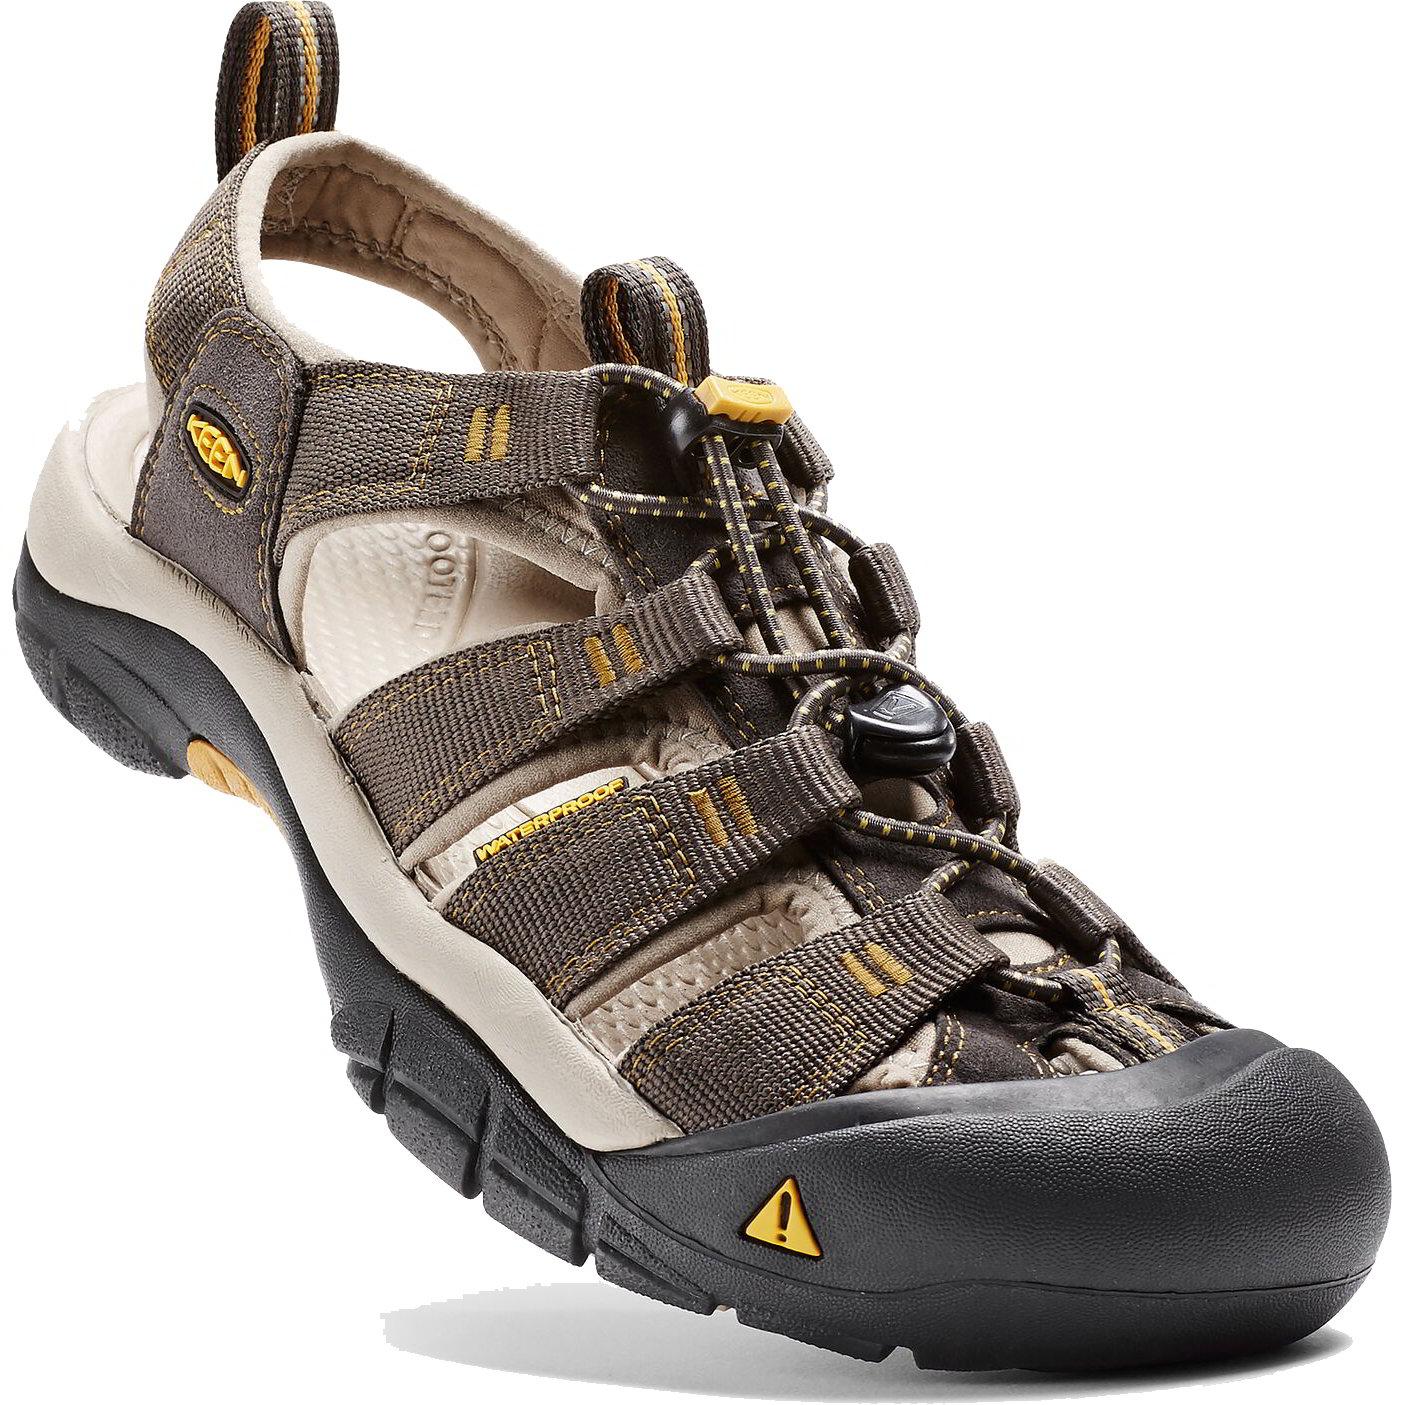 Keen Mens Newport H2 Sandals - Raven Aluminium